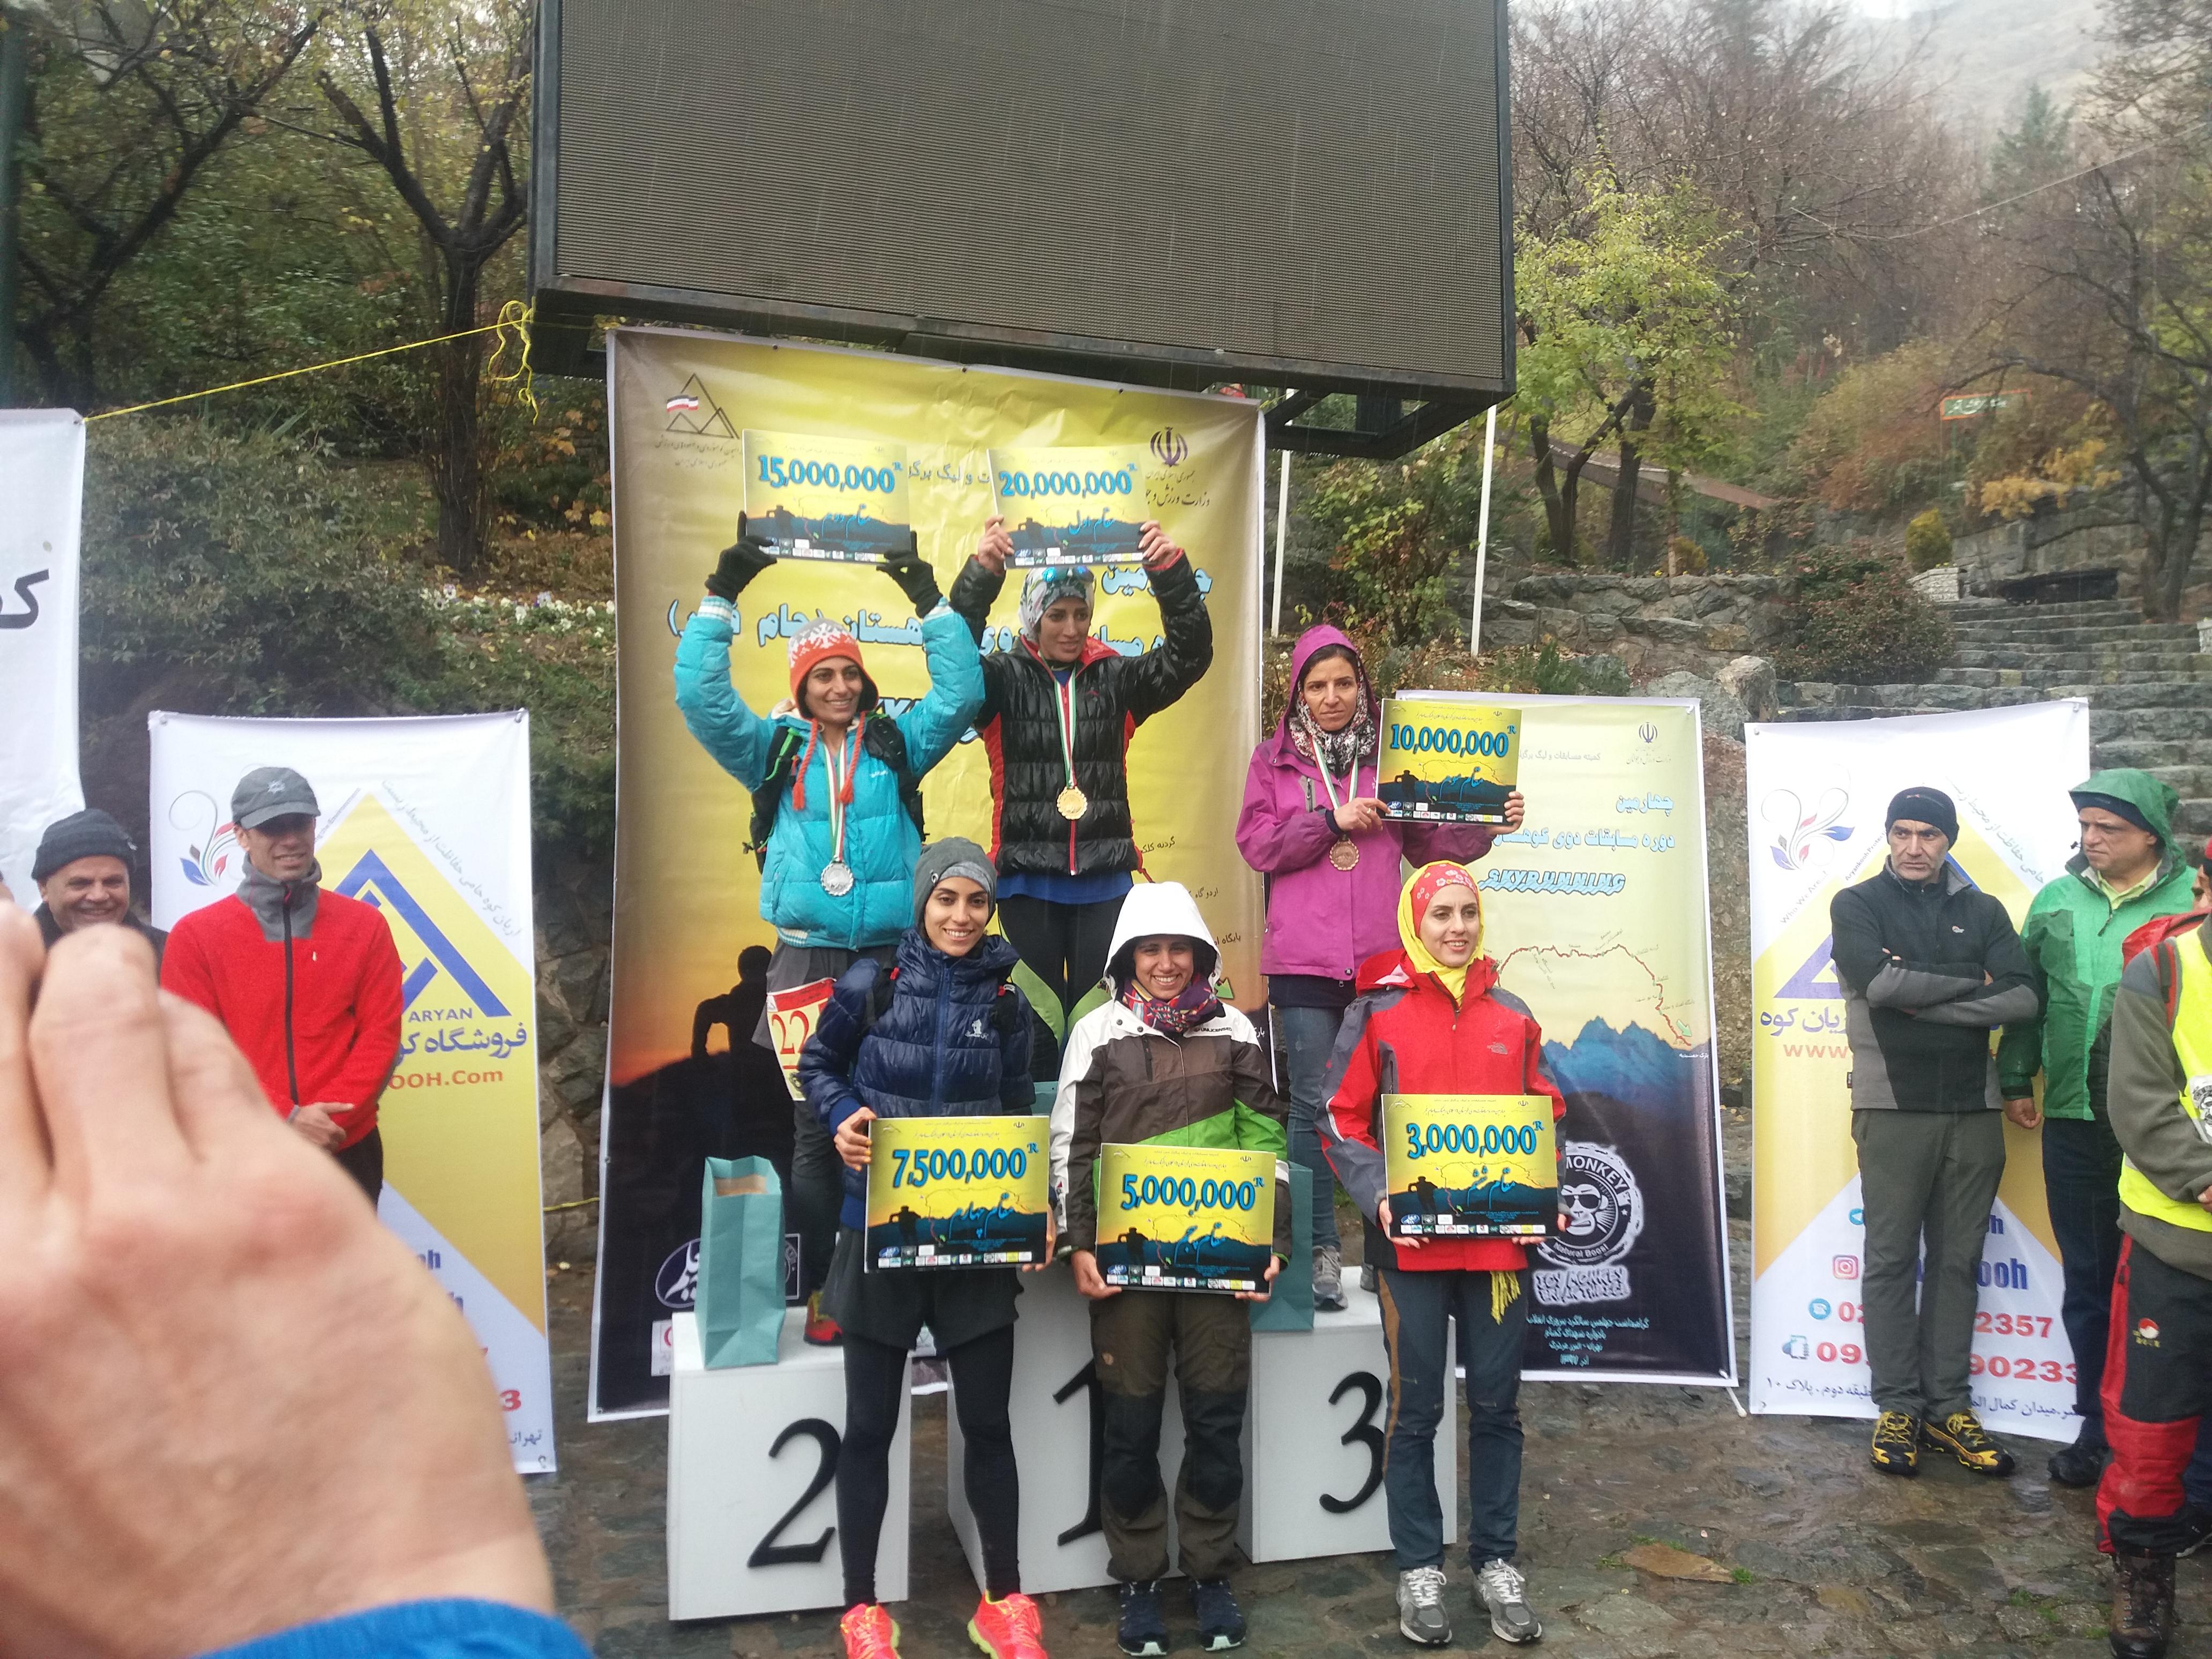 موفقیت بانوان باشگاه دماوند در مسابقه انتخابی تیم ملی دو کوهستان